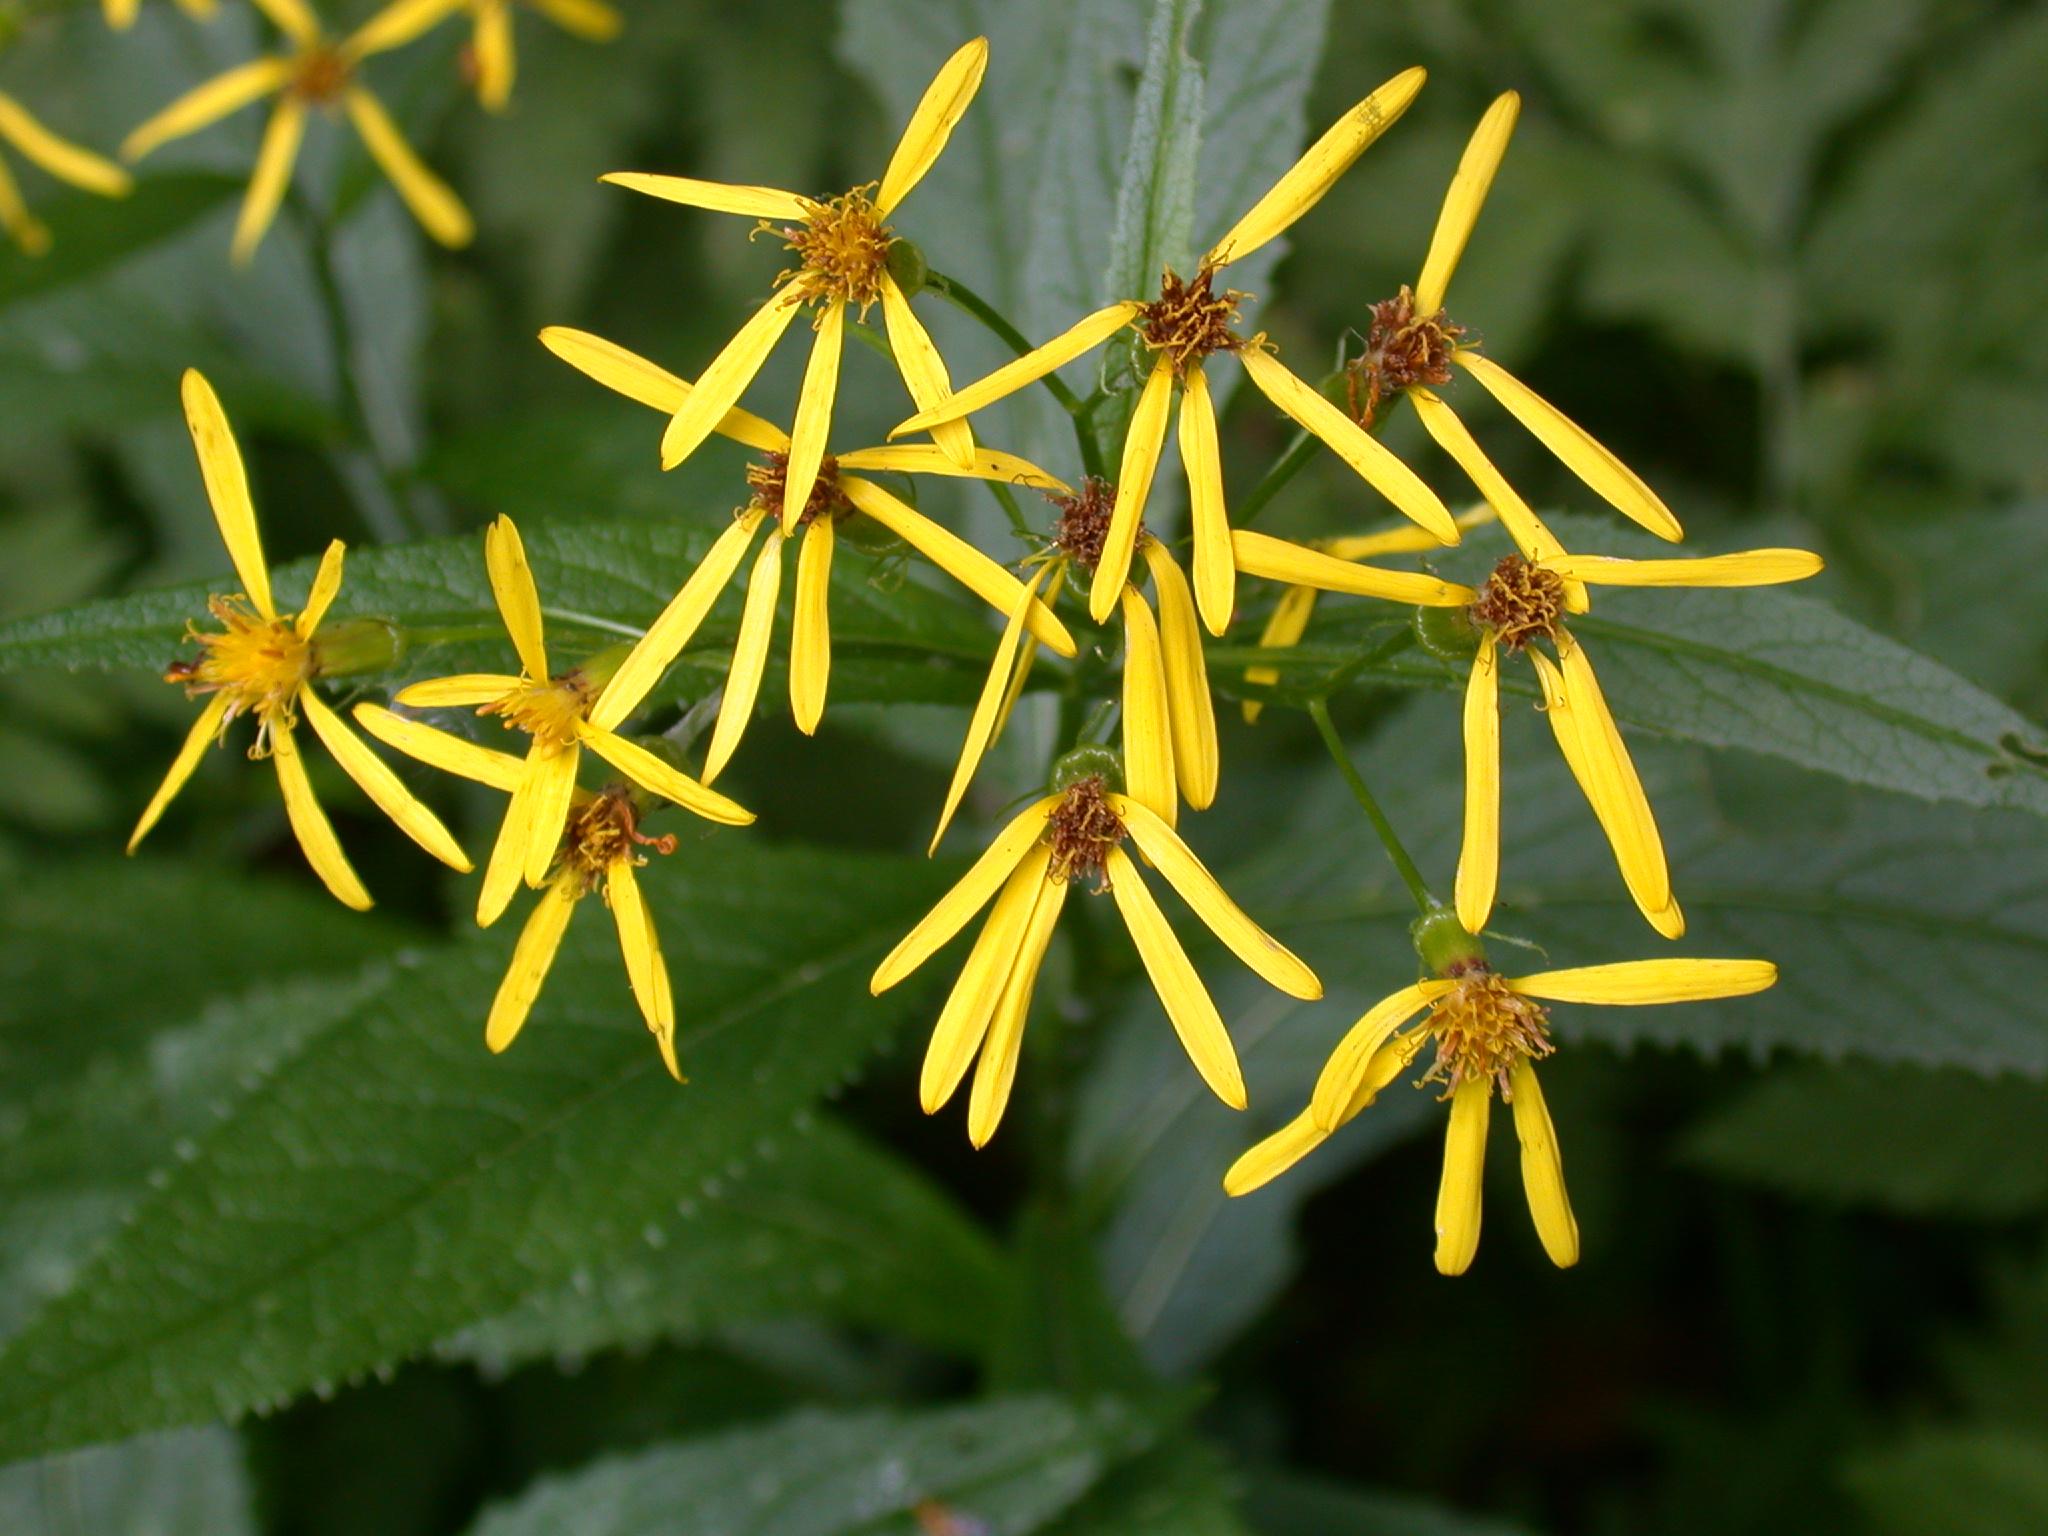 File:Senecio fuchsii flowers.jpg.